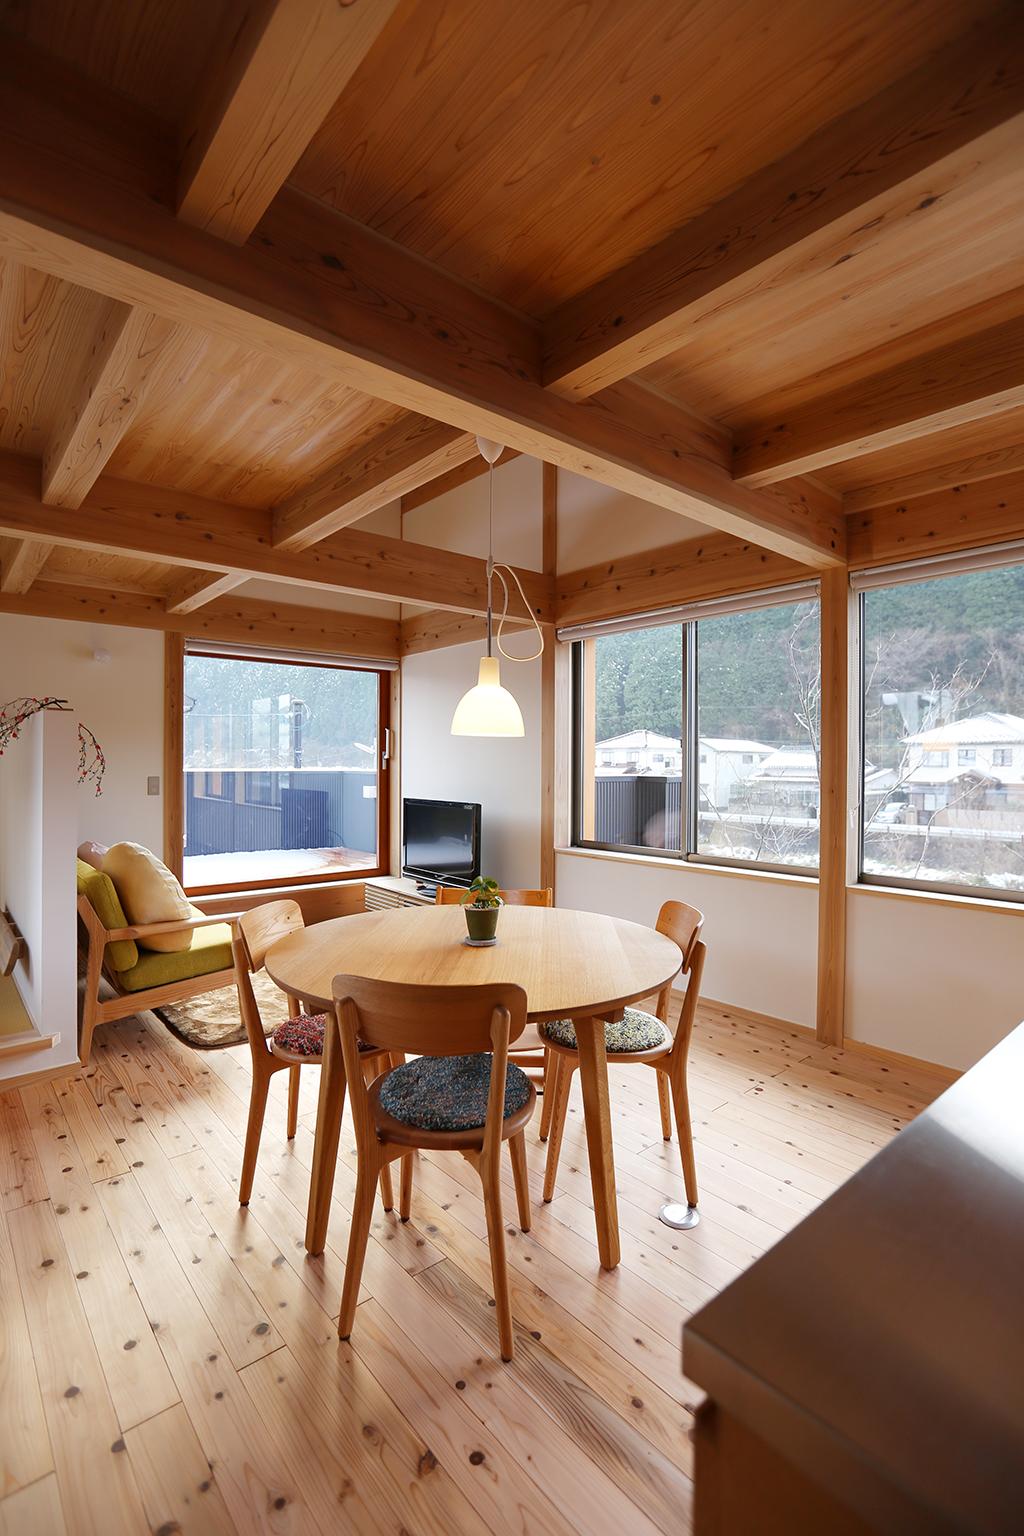 朝来市の木の家 2階からの眺め